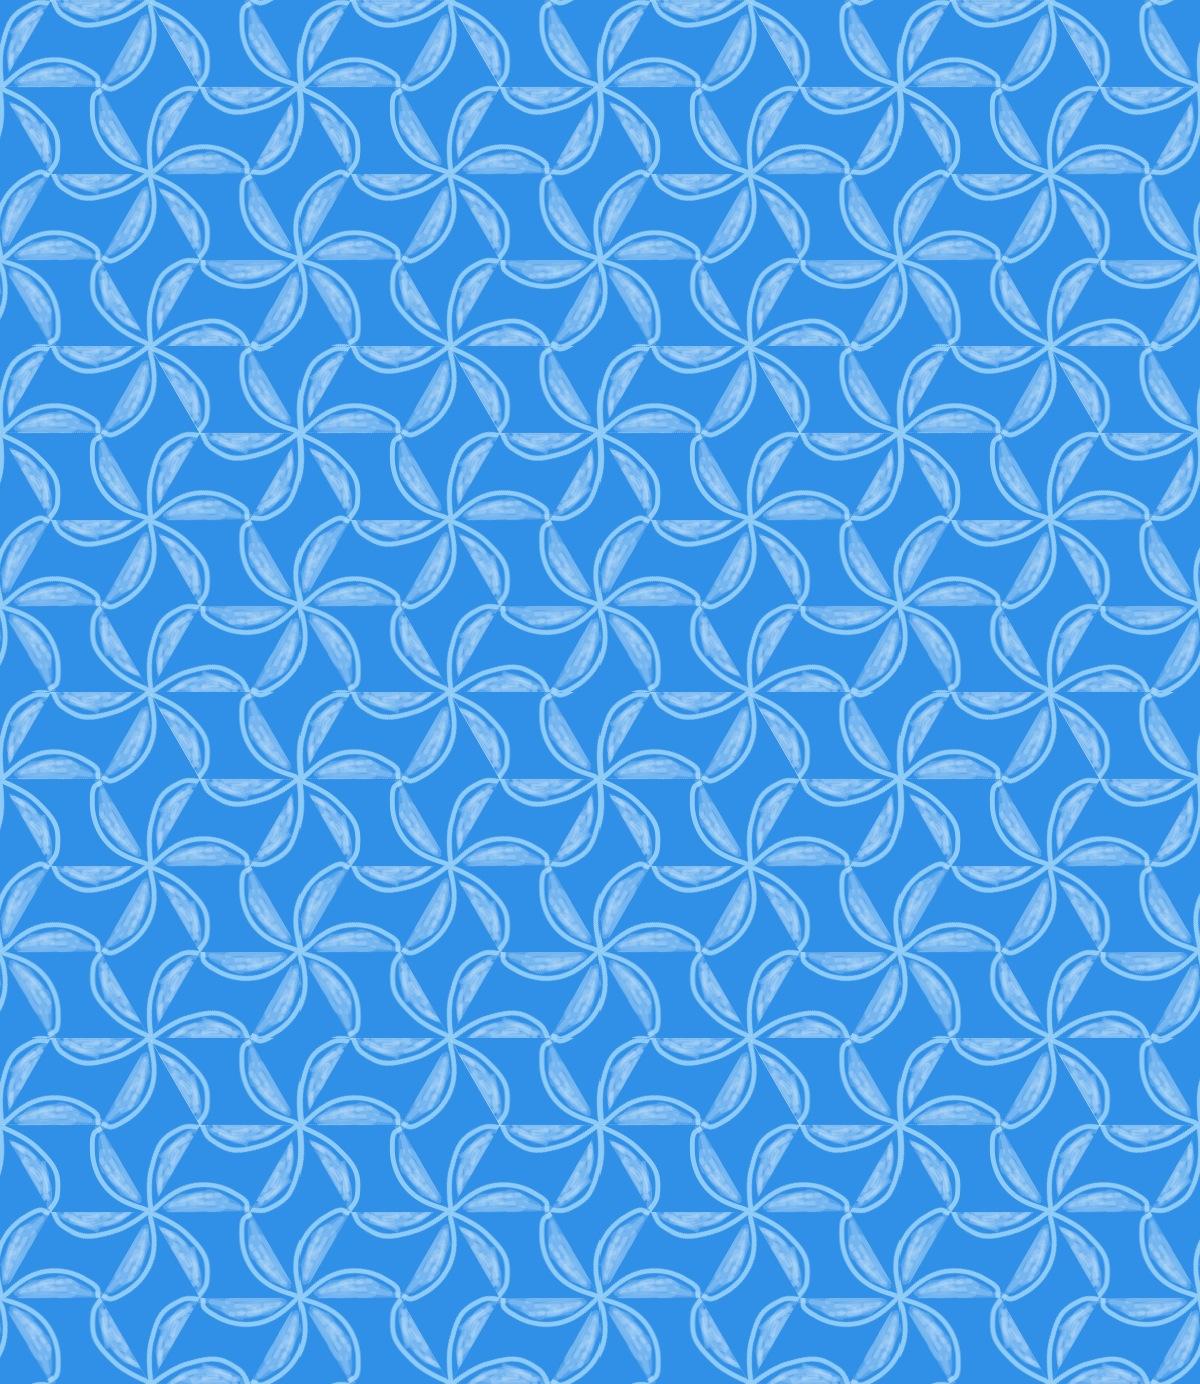 145_tiled